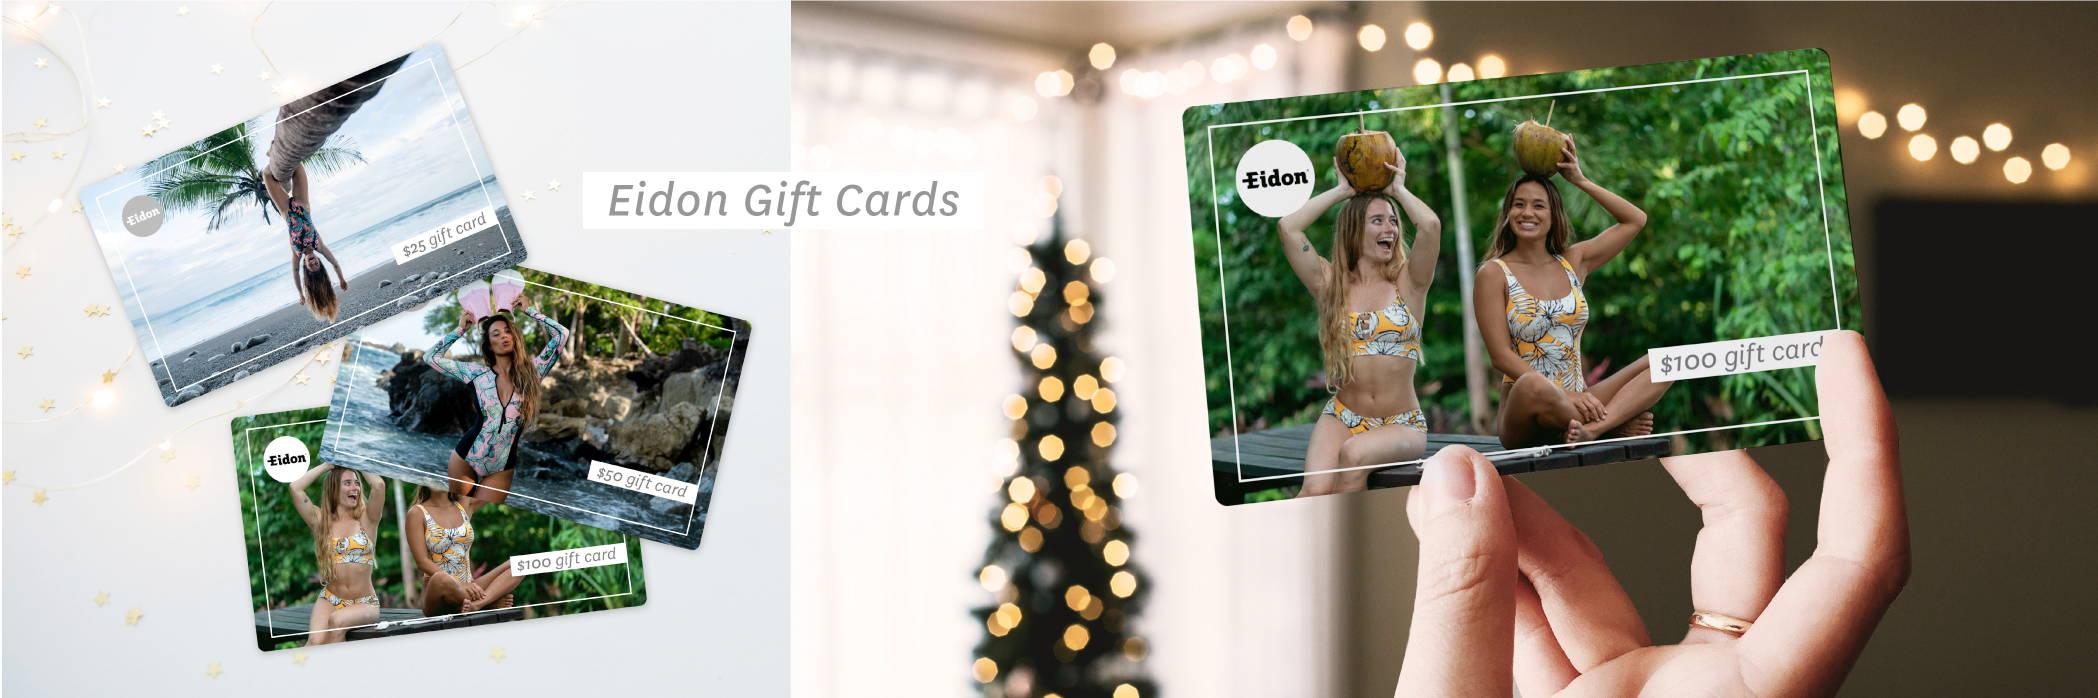 Eidon Gift Cards